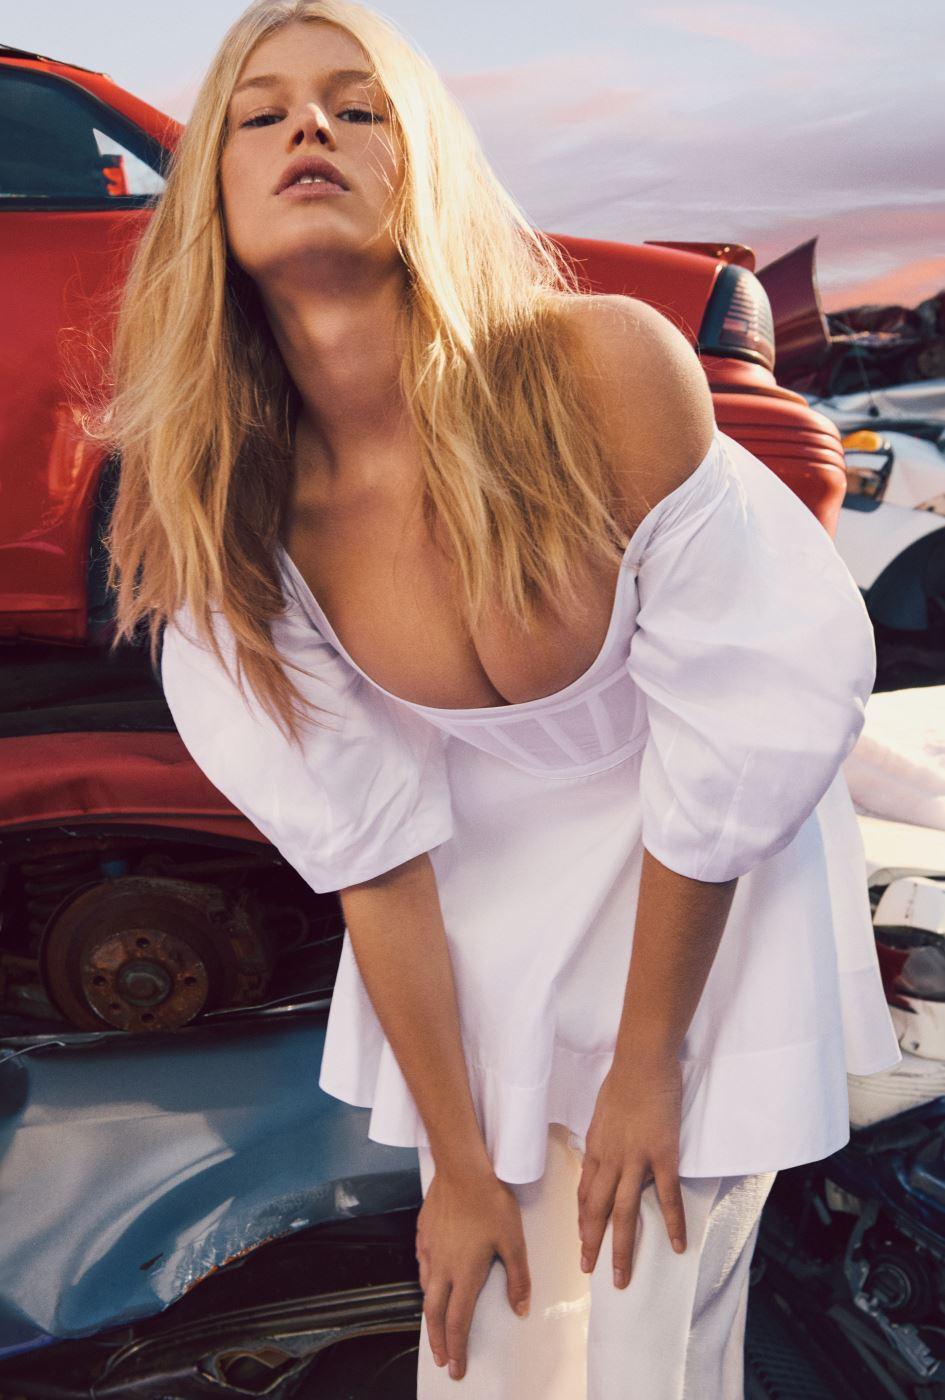 가슴이 깊게 파인 흰색 톱과 팬츠는 Celine 제품.